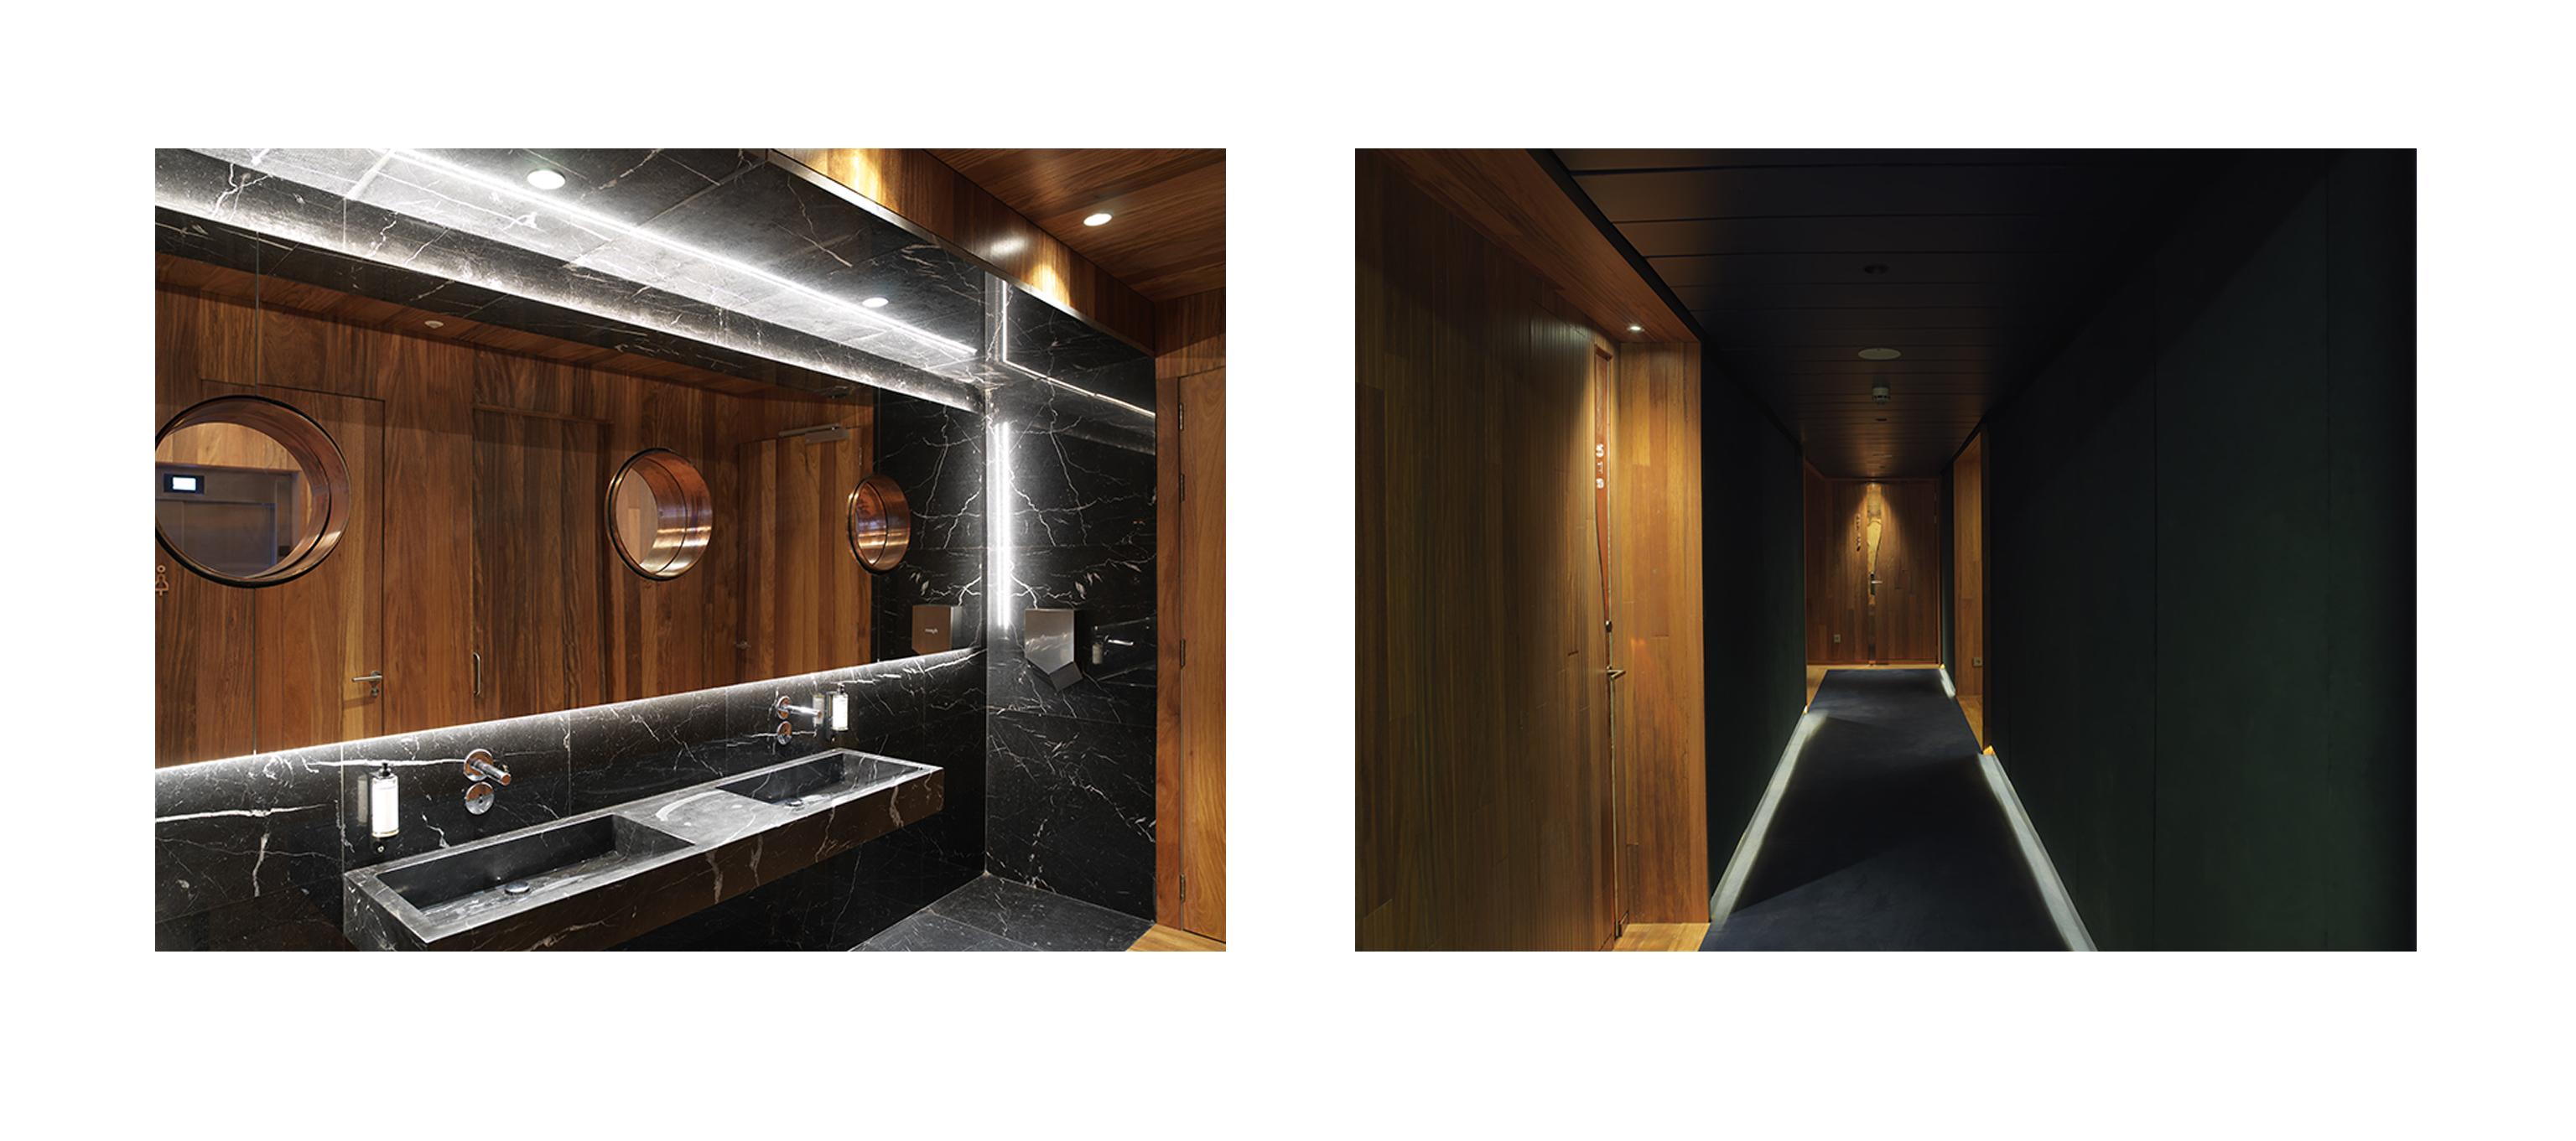 Boutique Hotel in San Sebastian zU-studio architecture Amsterdam6